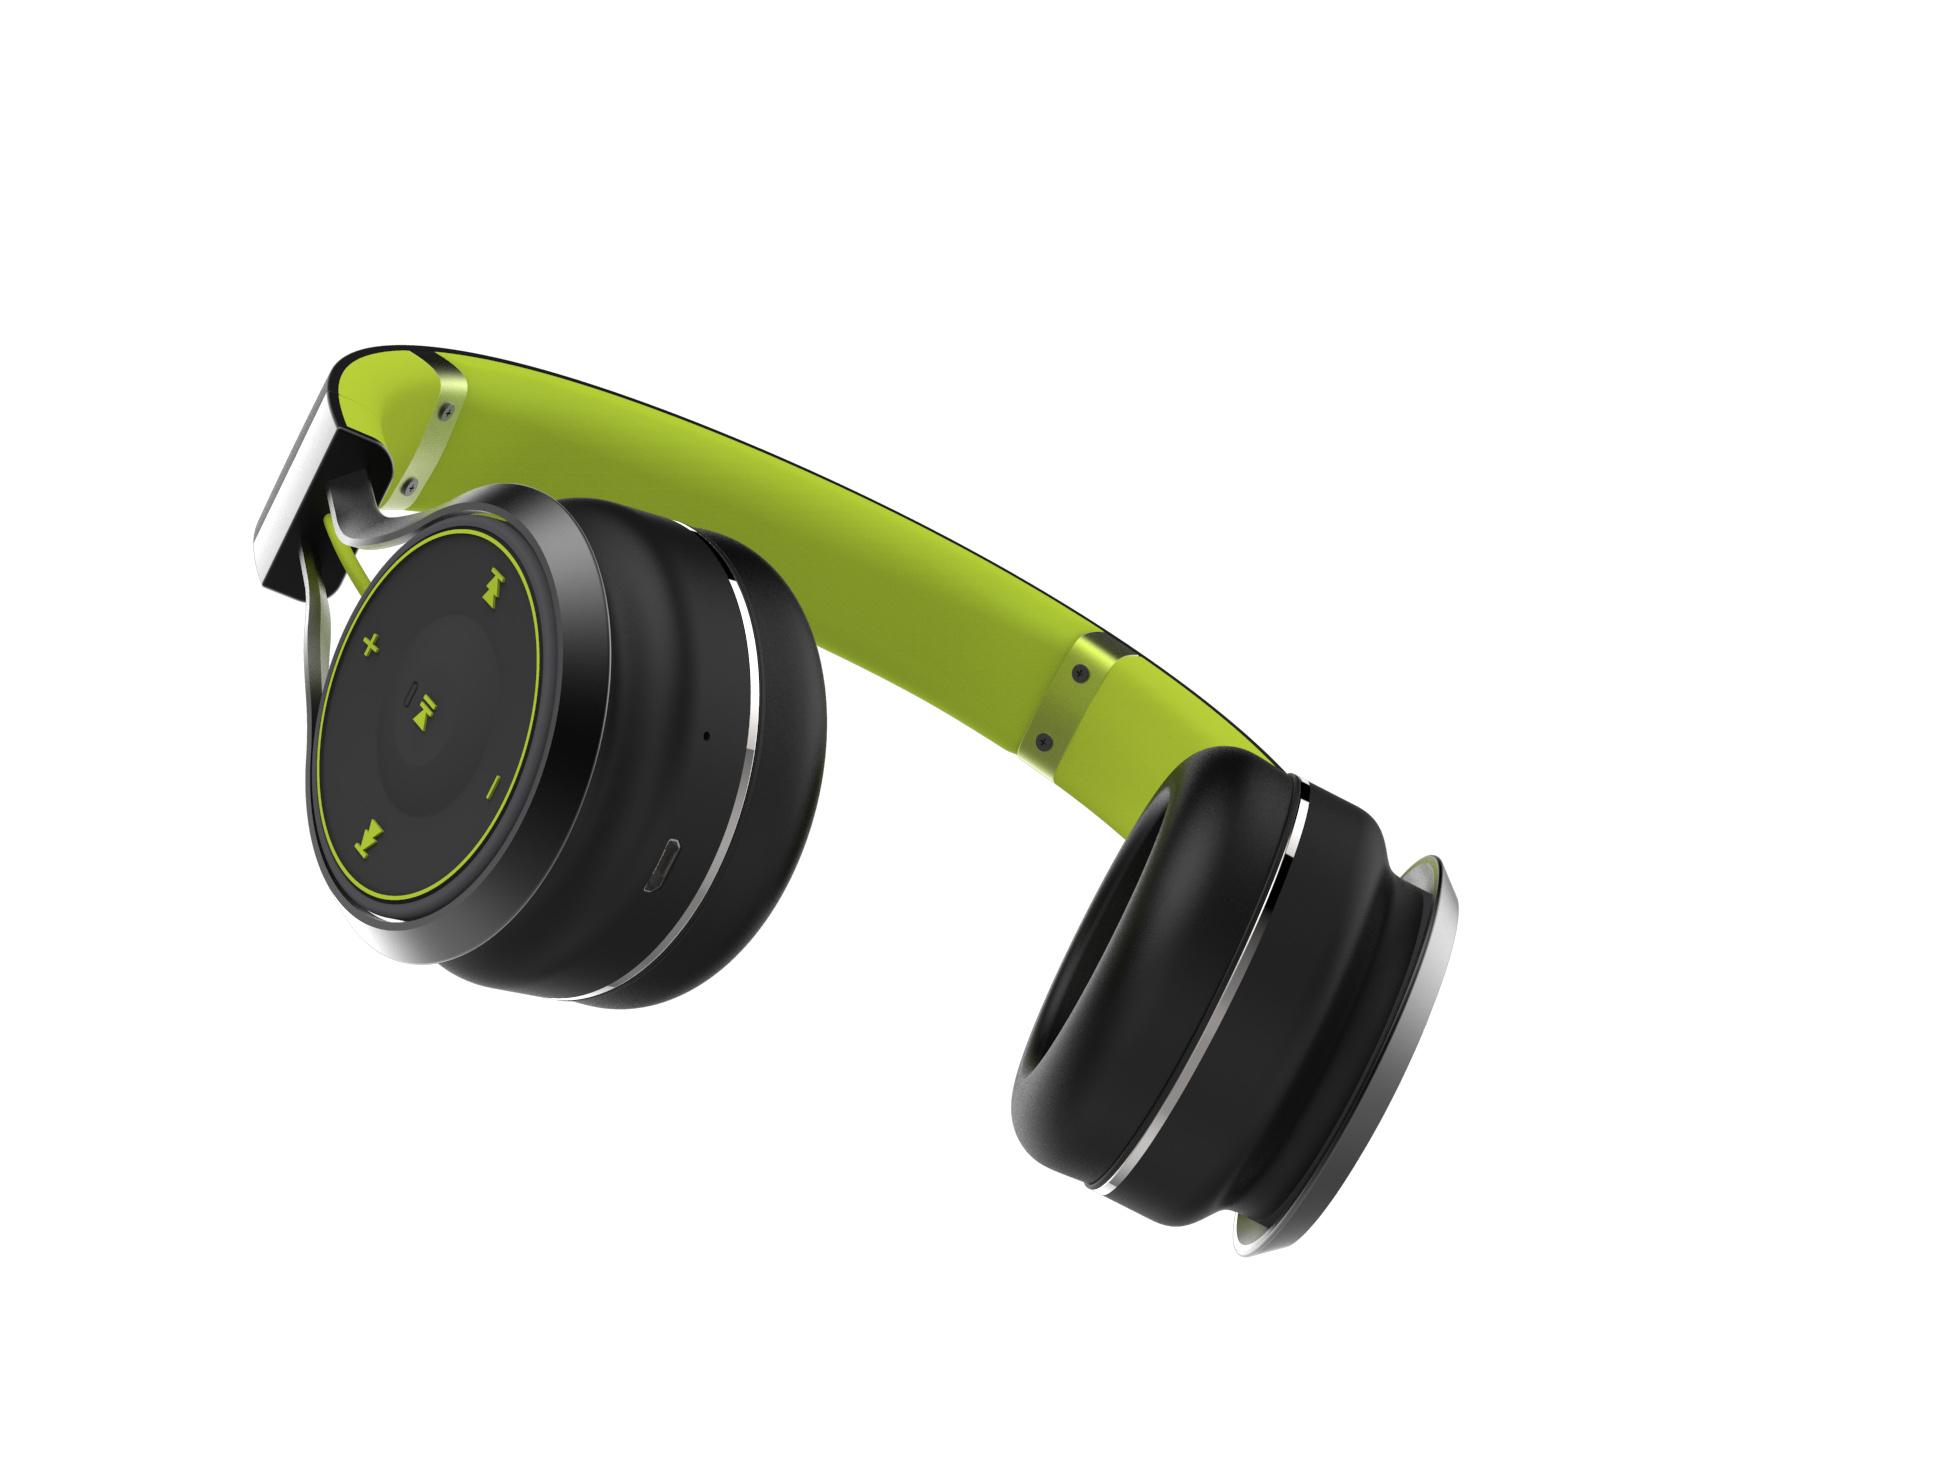 f6-mini Green+Black-4